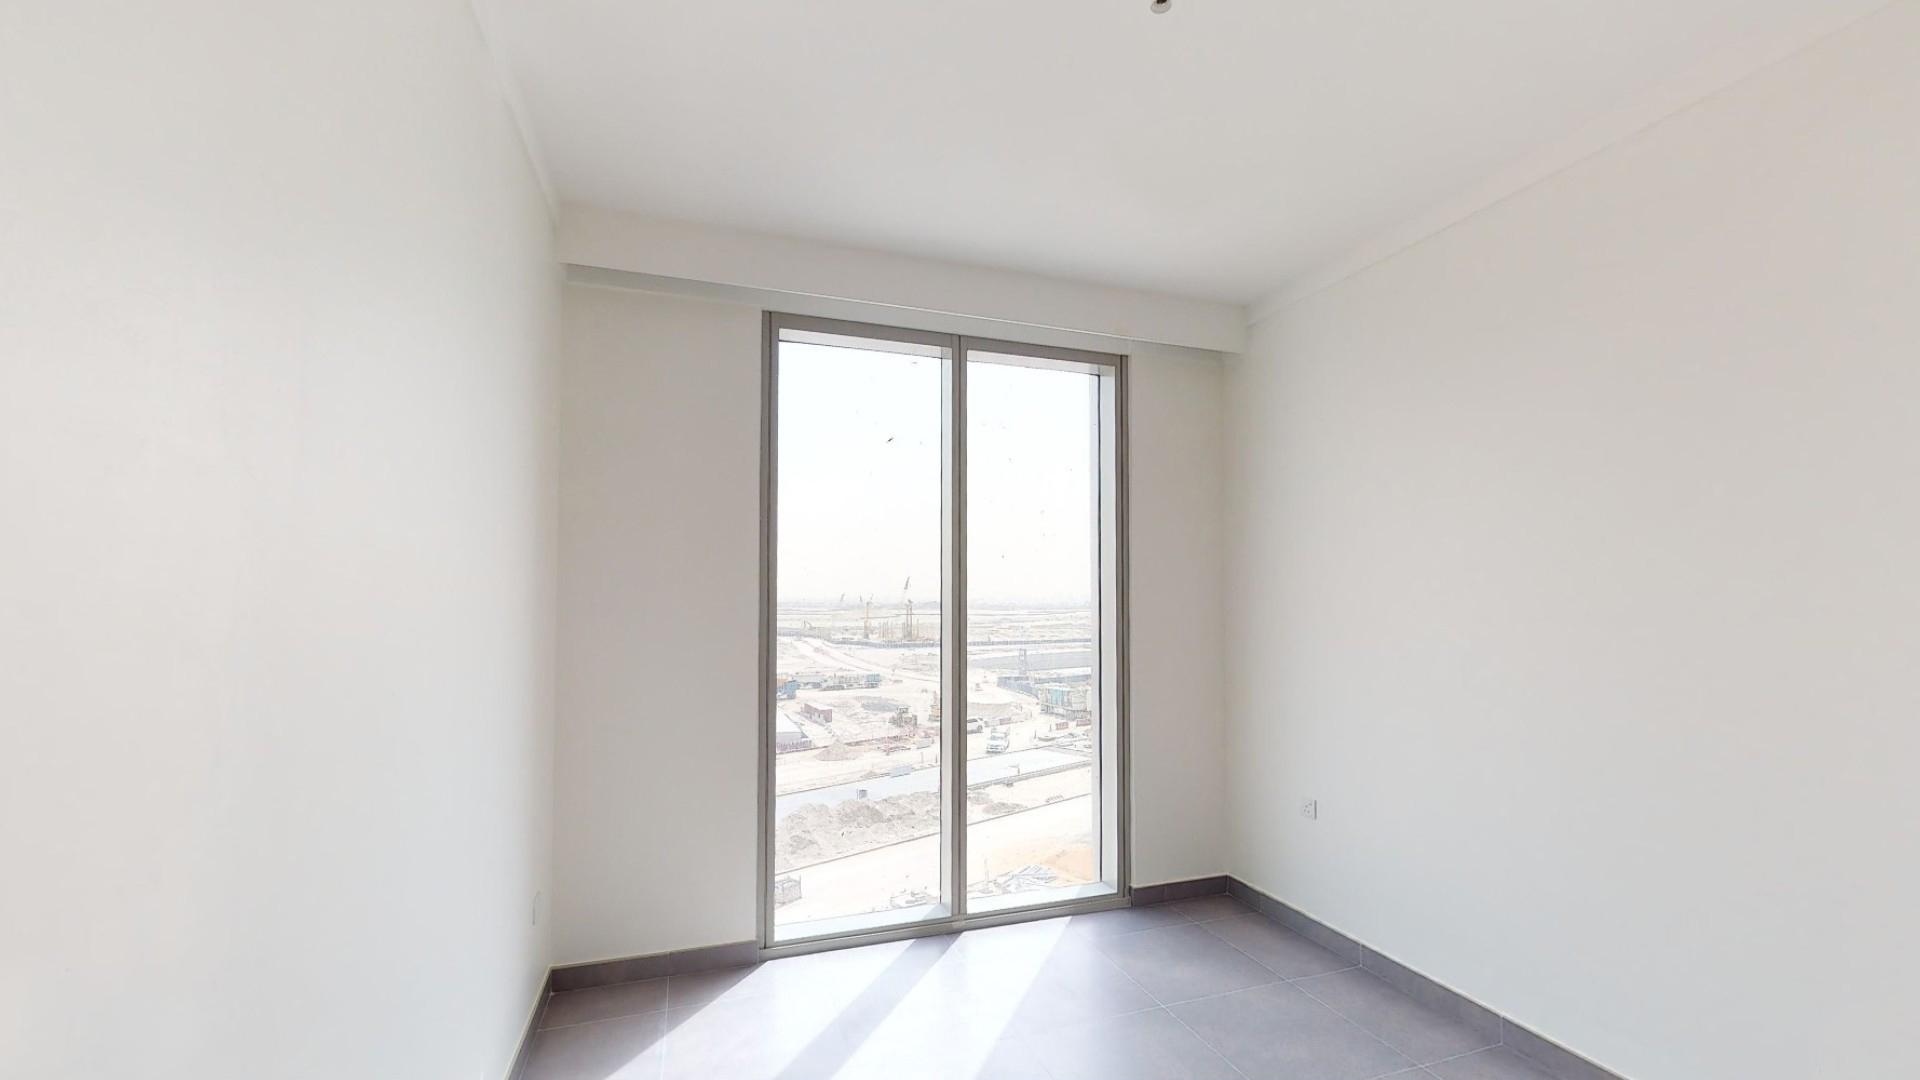 Apartamento en venta en Dubai, EAU, 2 dormitorios, 97 m2, № 24585 – foto 3